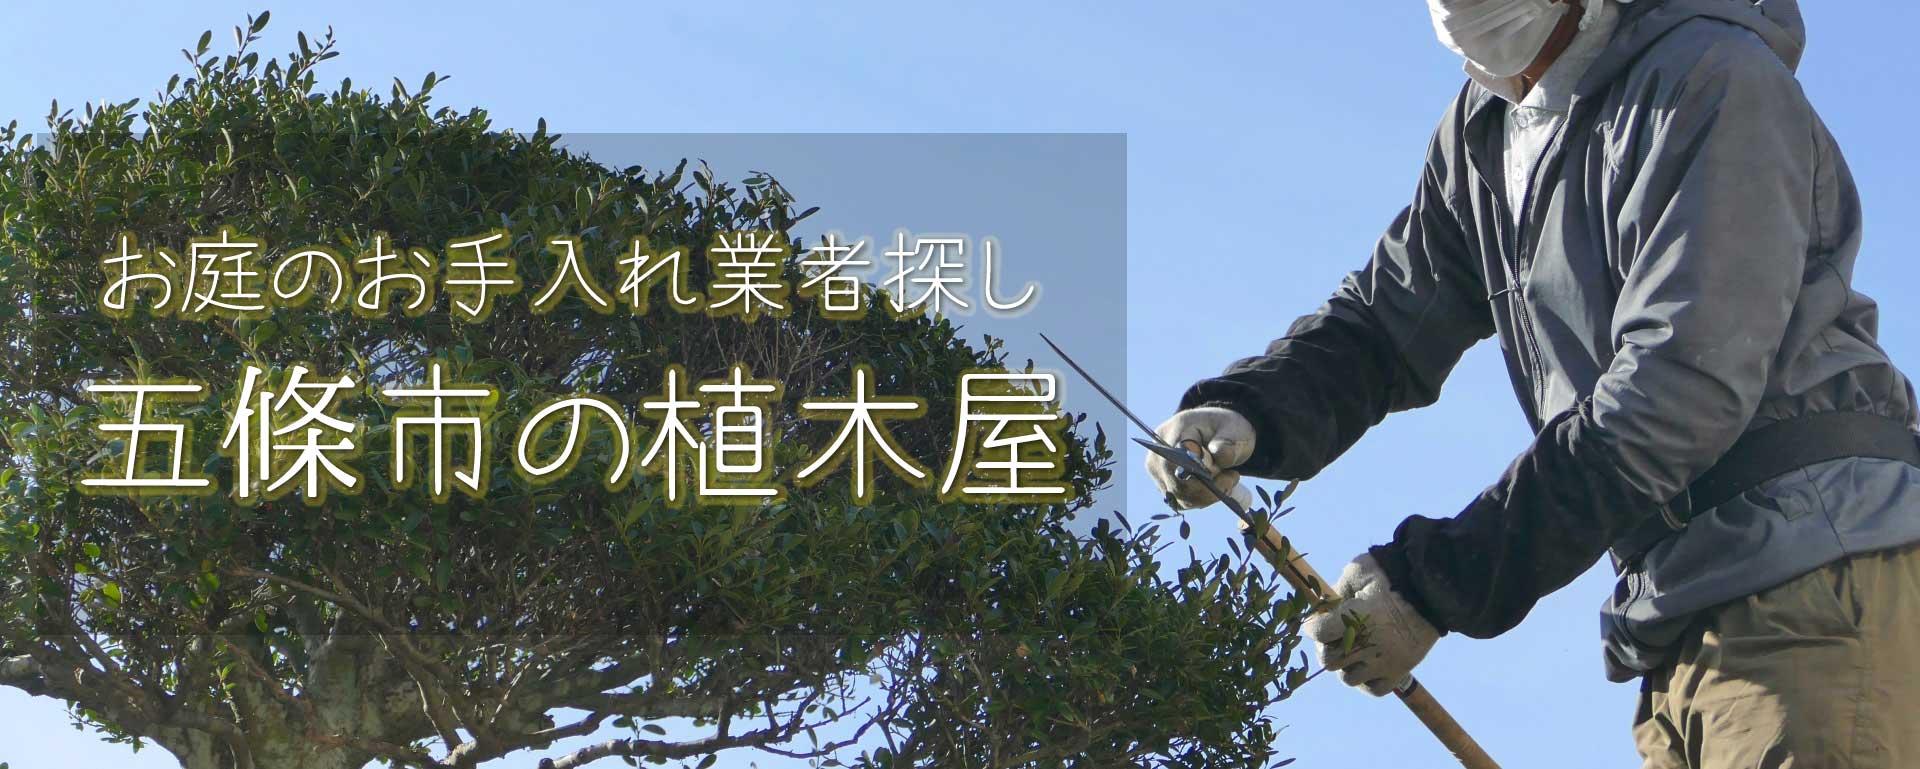 奈良県五條市の植木屋